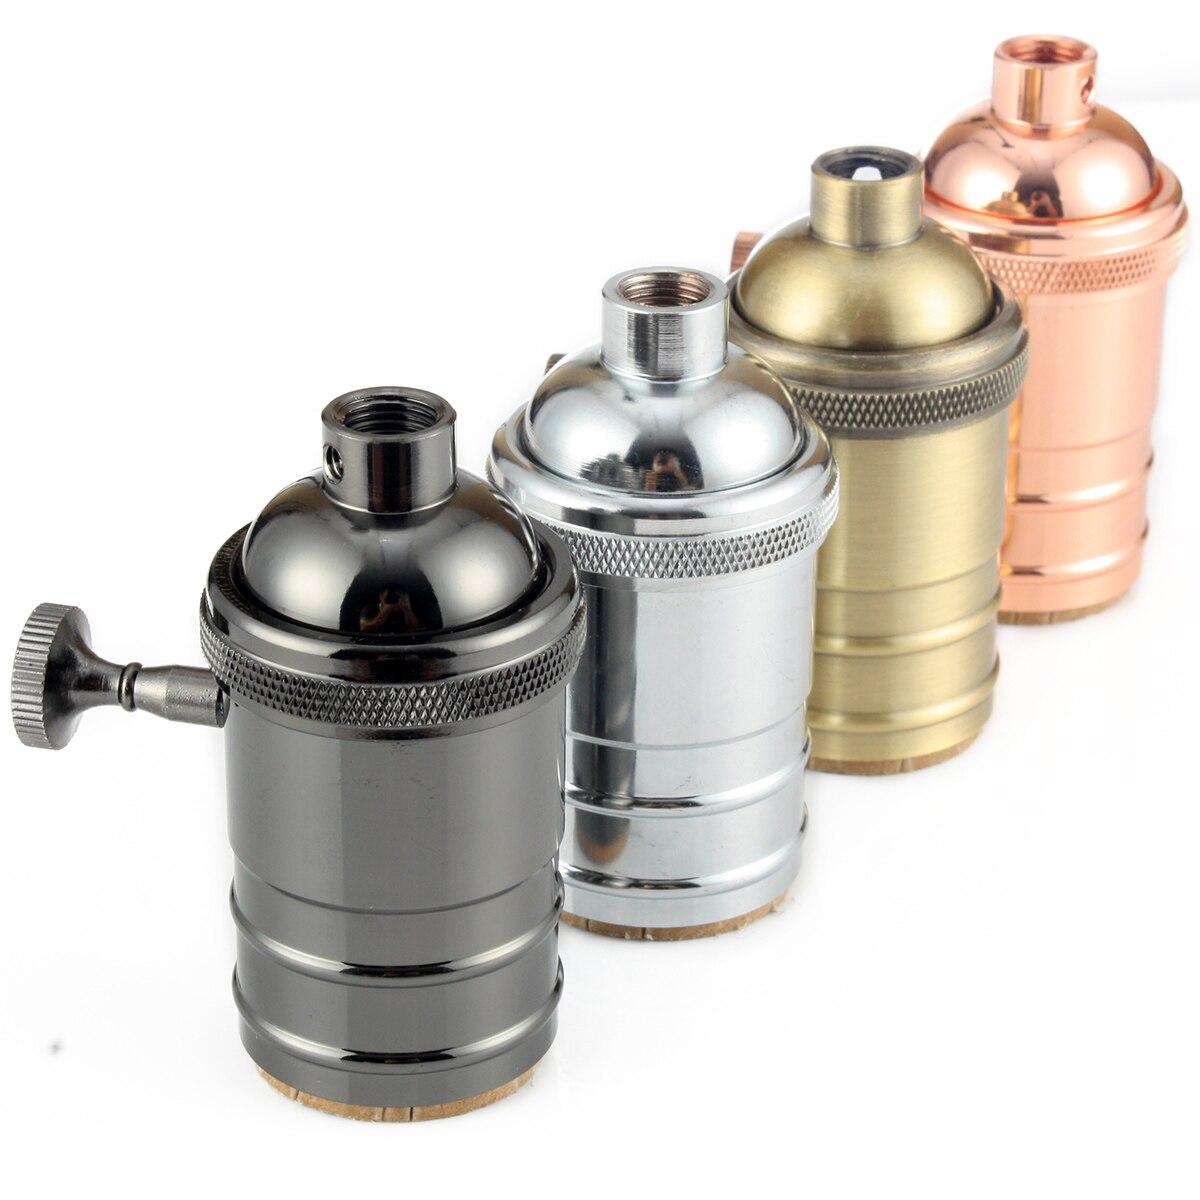 Bases da Lâmpada pingente de cabo adaptador de Matéria-prima : Cerâmica e Porcelana, alumínio